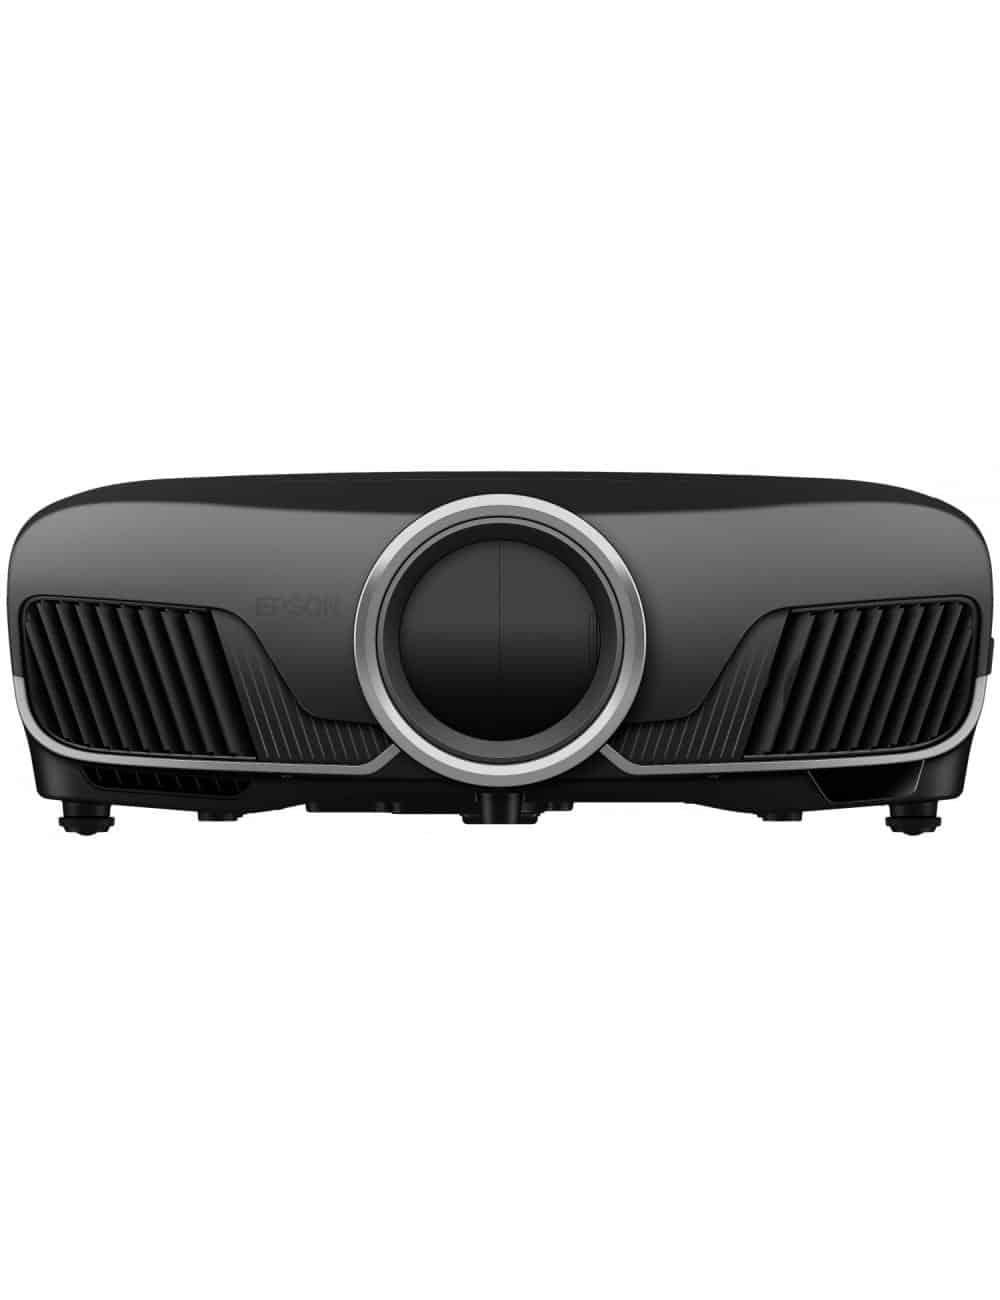 Proiettore UHD HDR per Home Cinema, Epson EH-TW9400, finitura black, obbiettivo chiuso